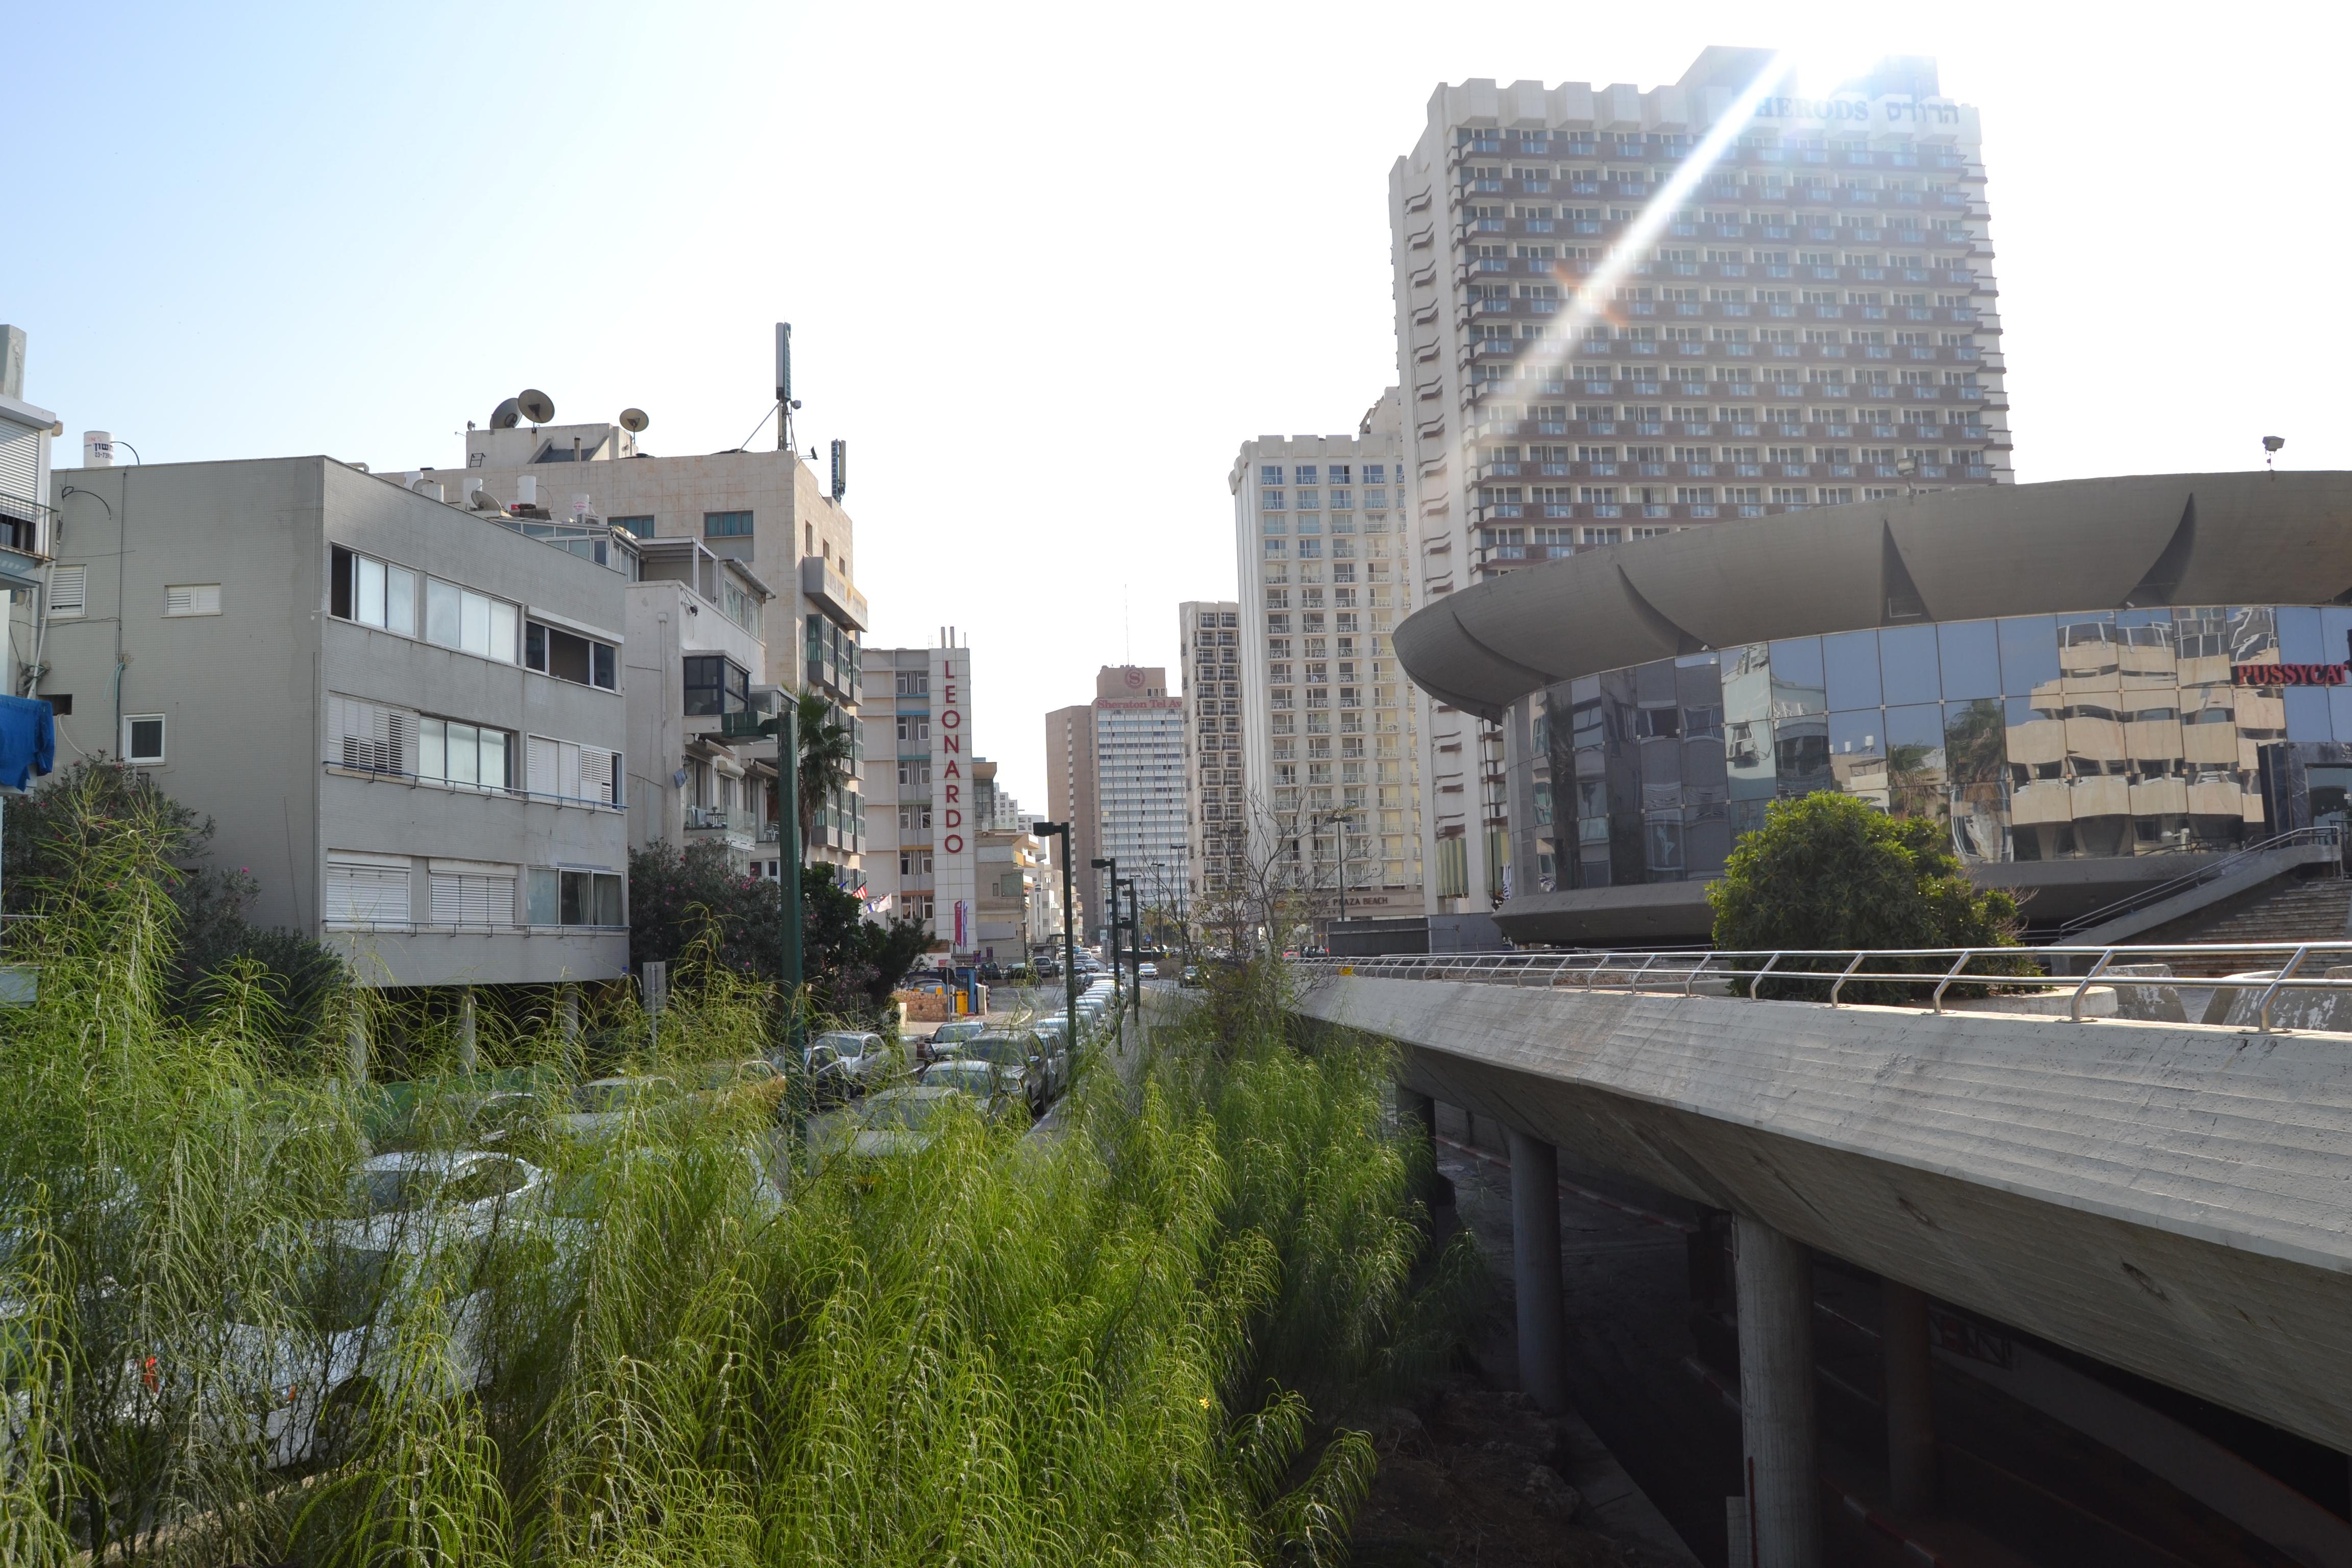 בין החוף לעיר. כיכר אתרים, תל אביב. צילום: שלי חפץ